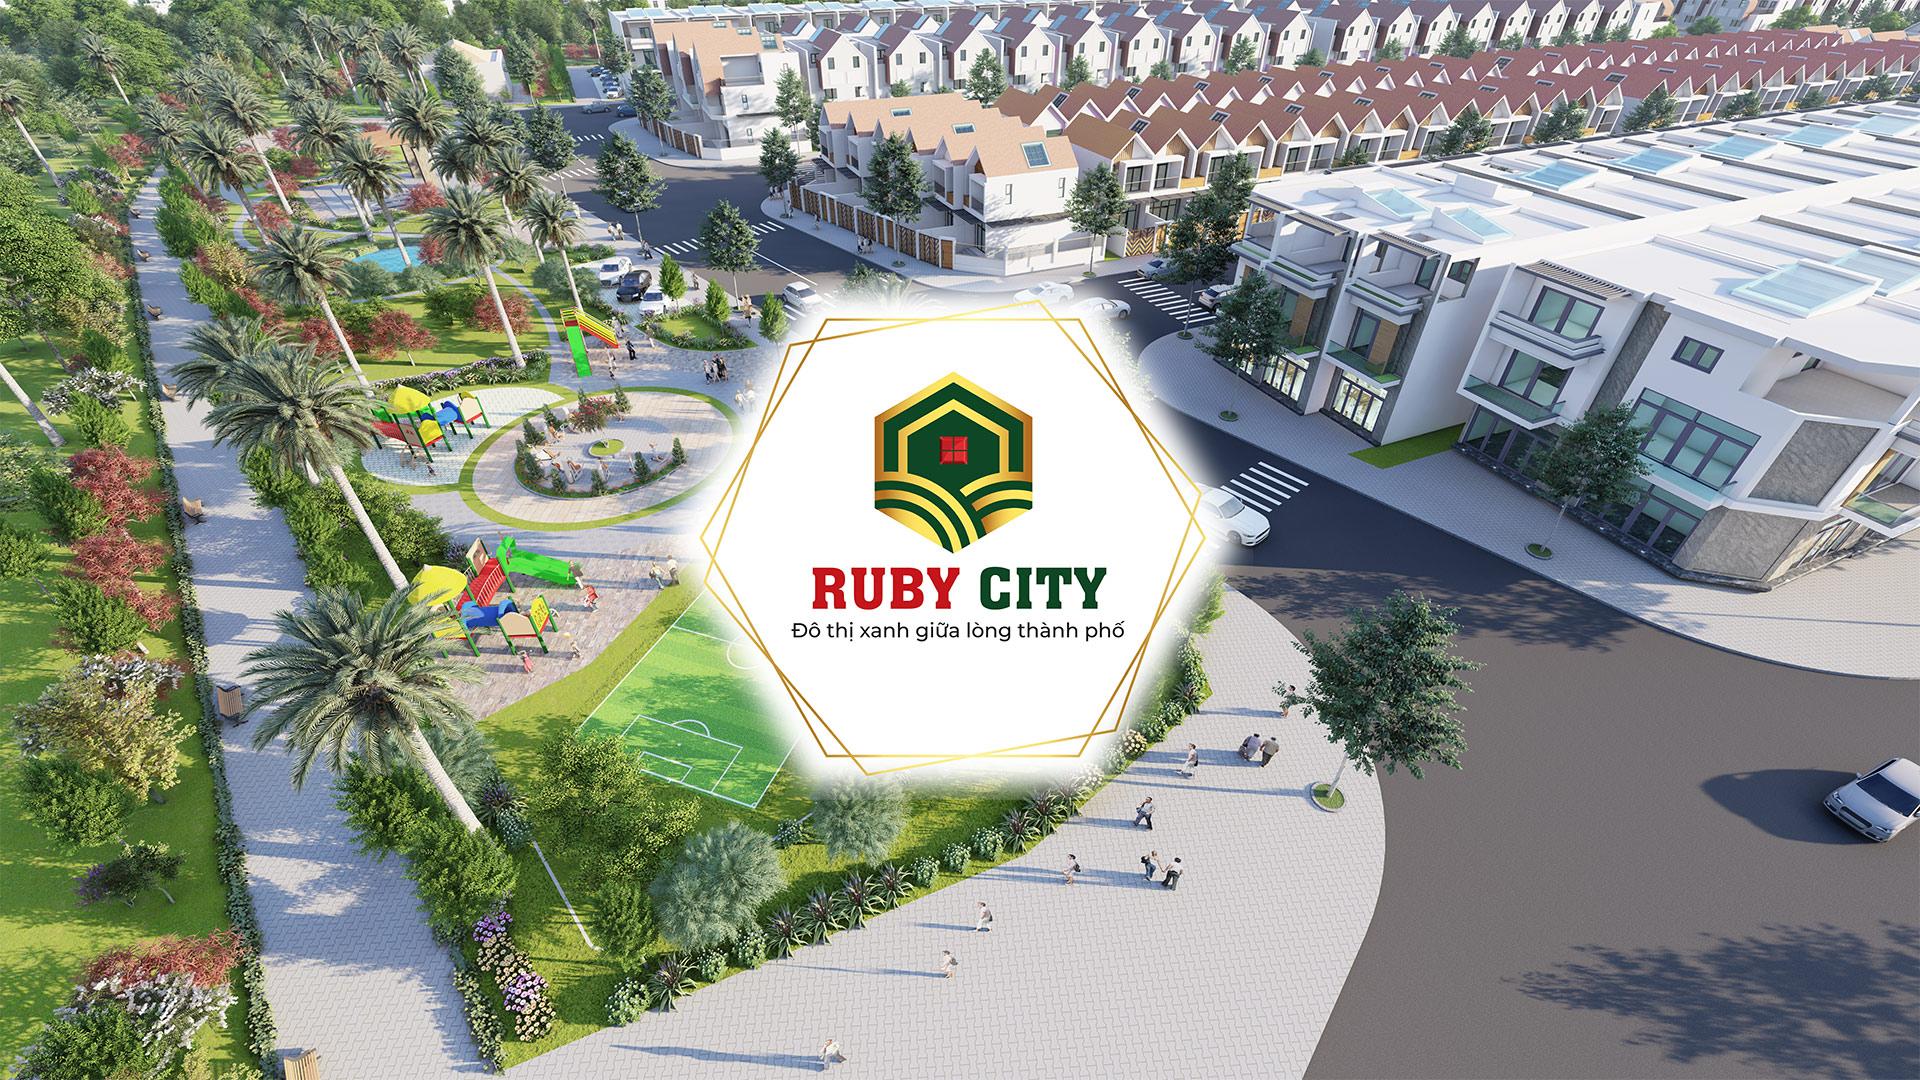 Dự án Ruby City được nhiều nhà đầu tư quan tâm sau đại dịch